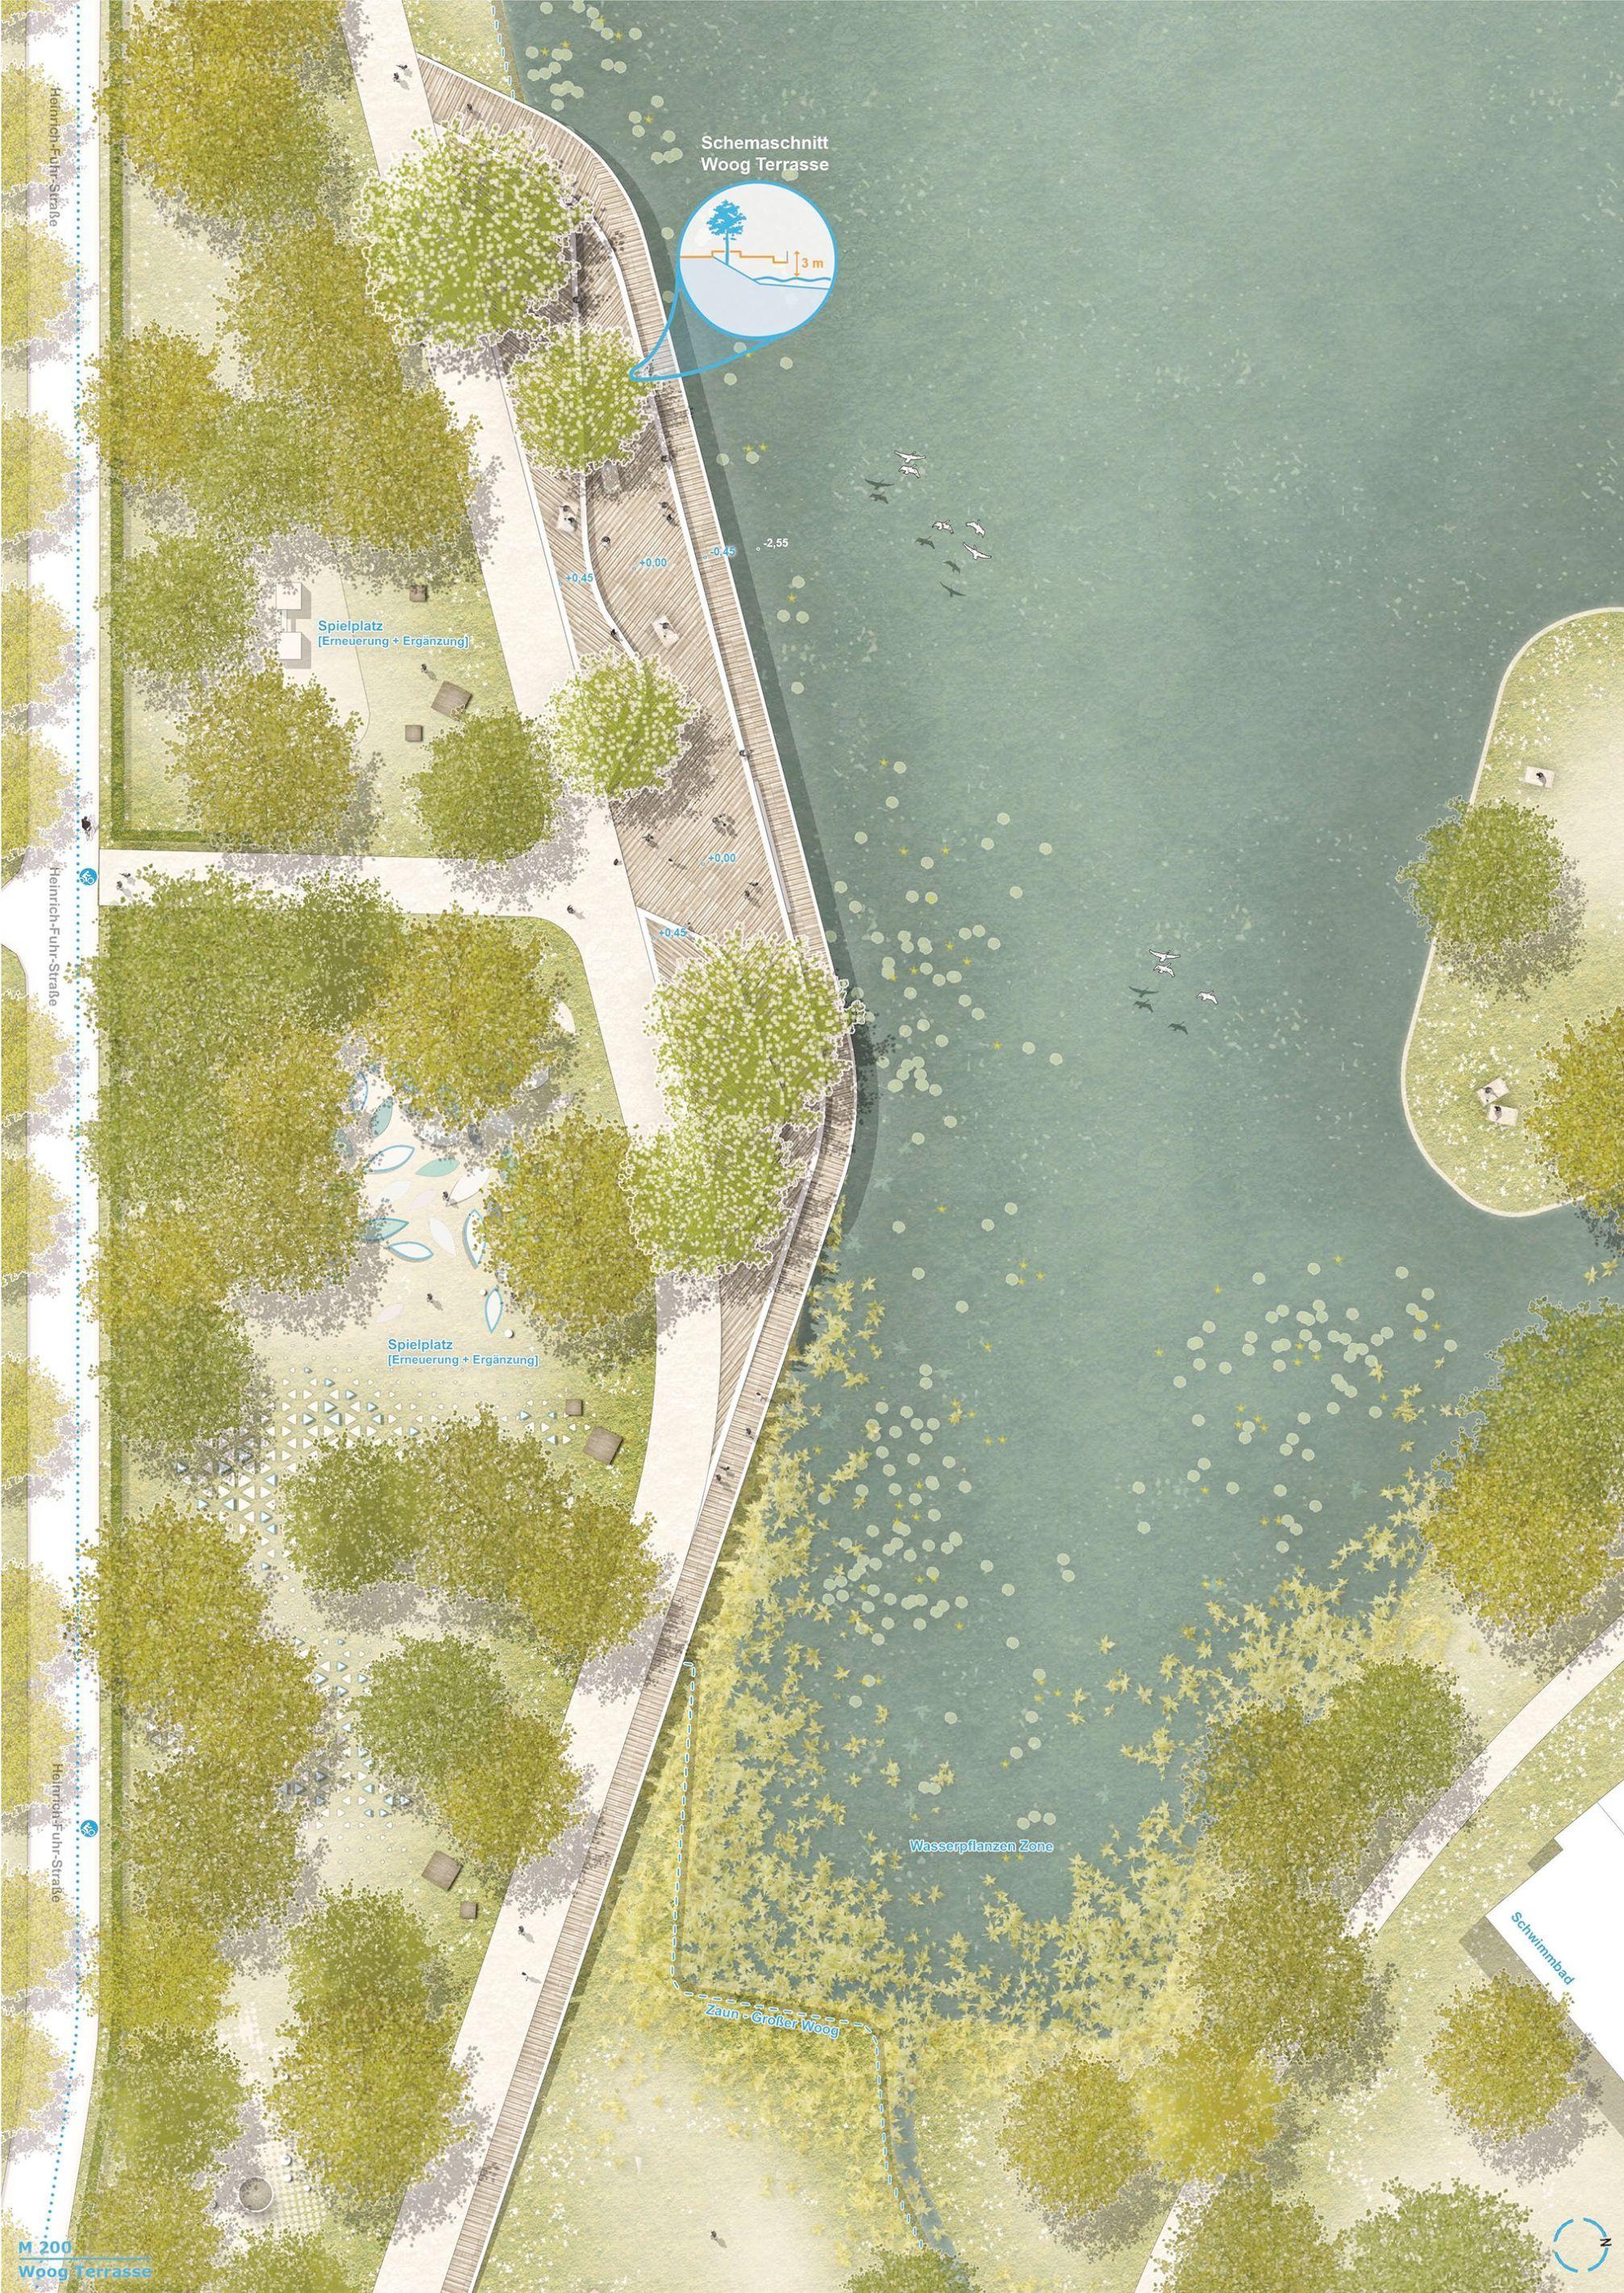 Rock Solid Advice On How To Spruce Up Your Landscaping Masterplan Landschaftsplane Landschaftsplanung